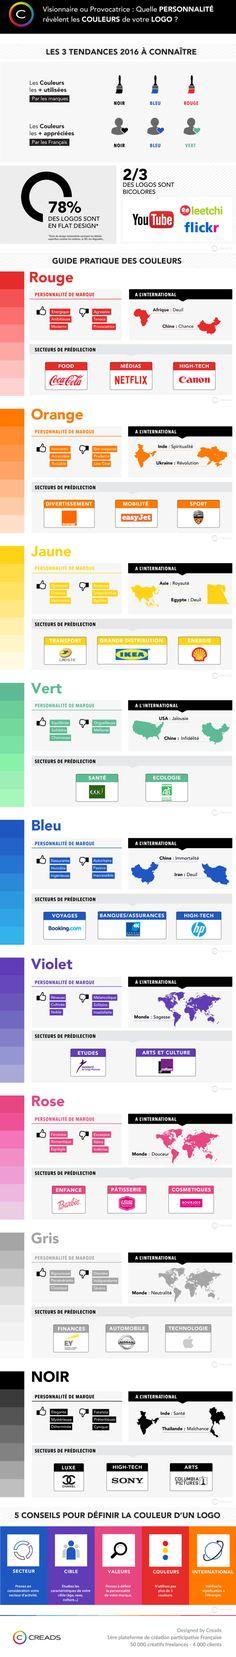 Que disent les couleurs de votre logo sur votre marque ? - Etude Marketing - l'ADN